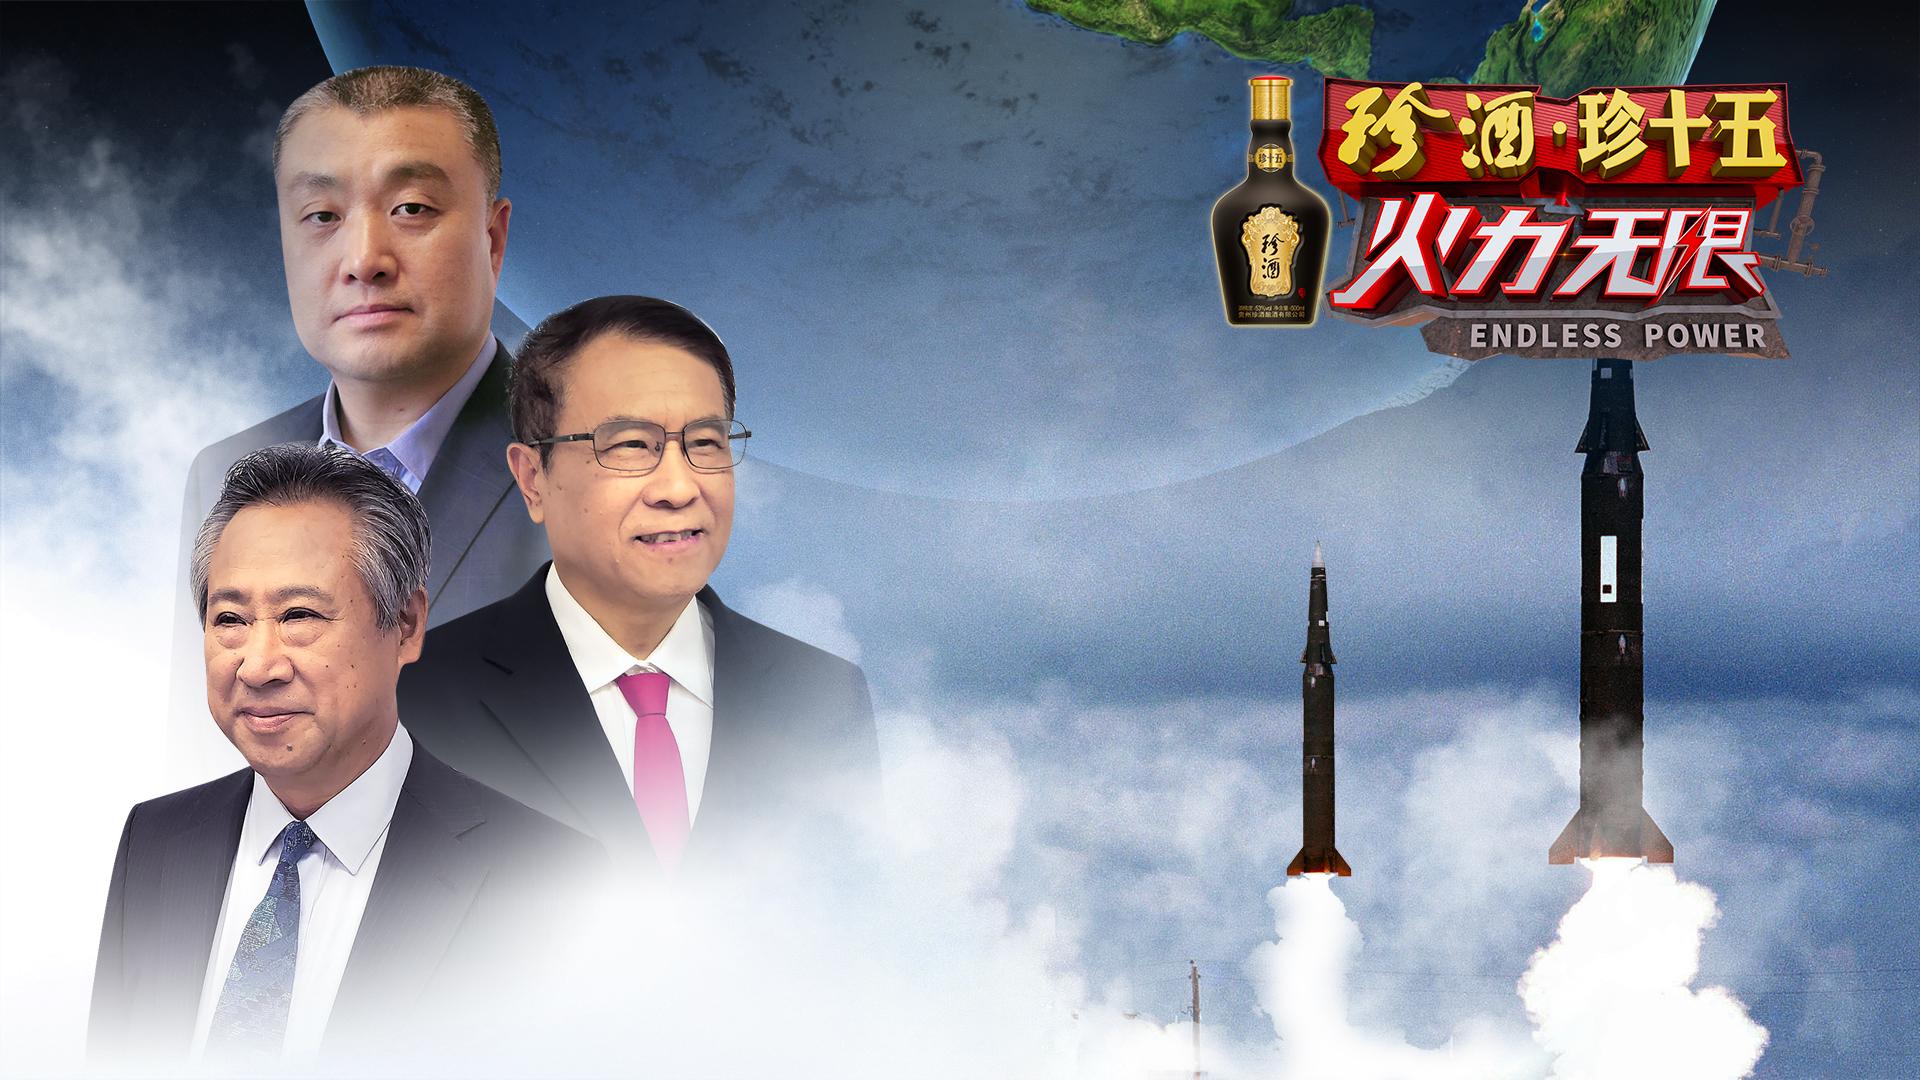 火力无限|杨承军:美军在亚太部署中导 中国应完善反导手段